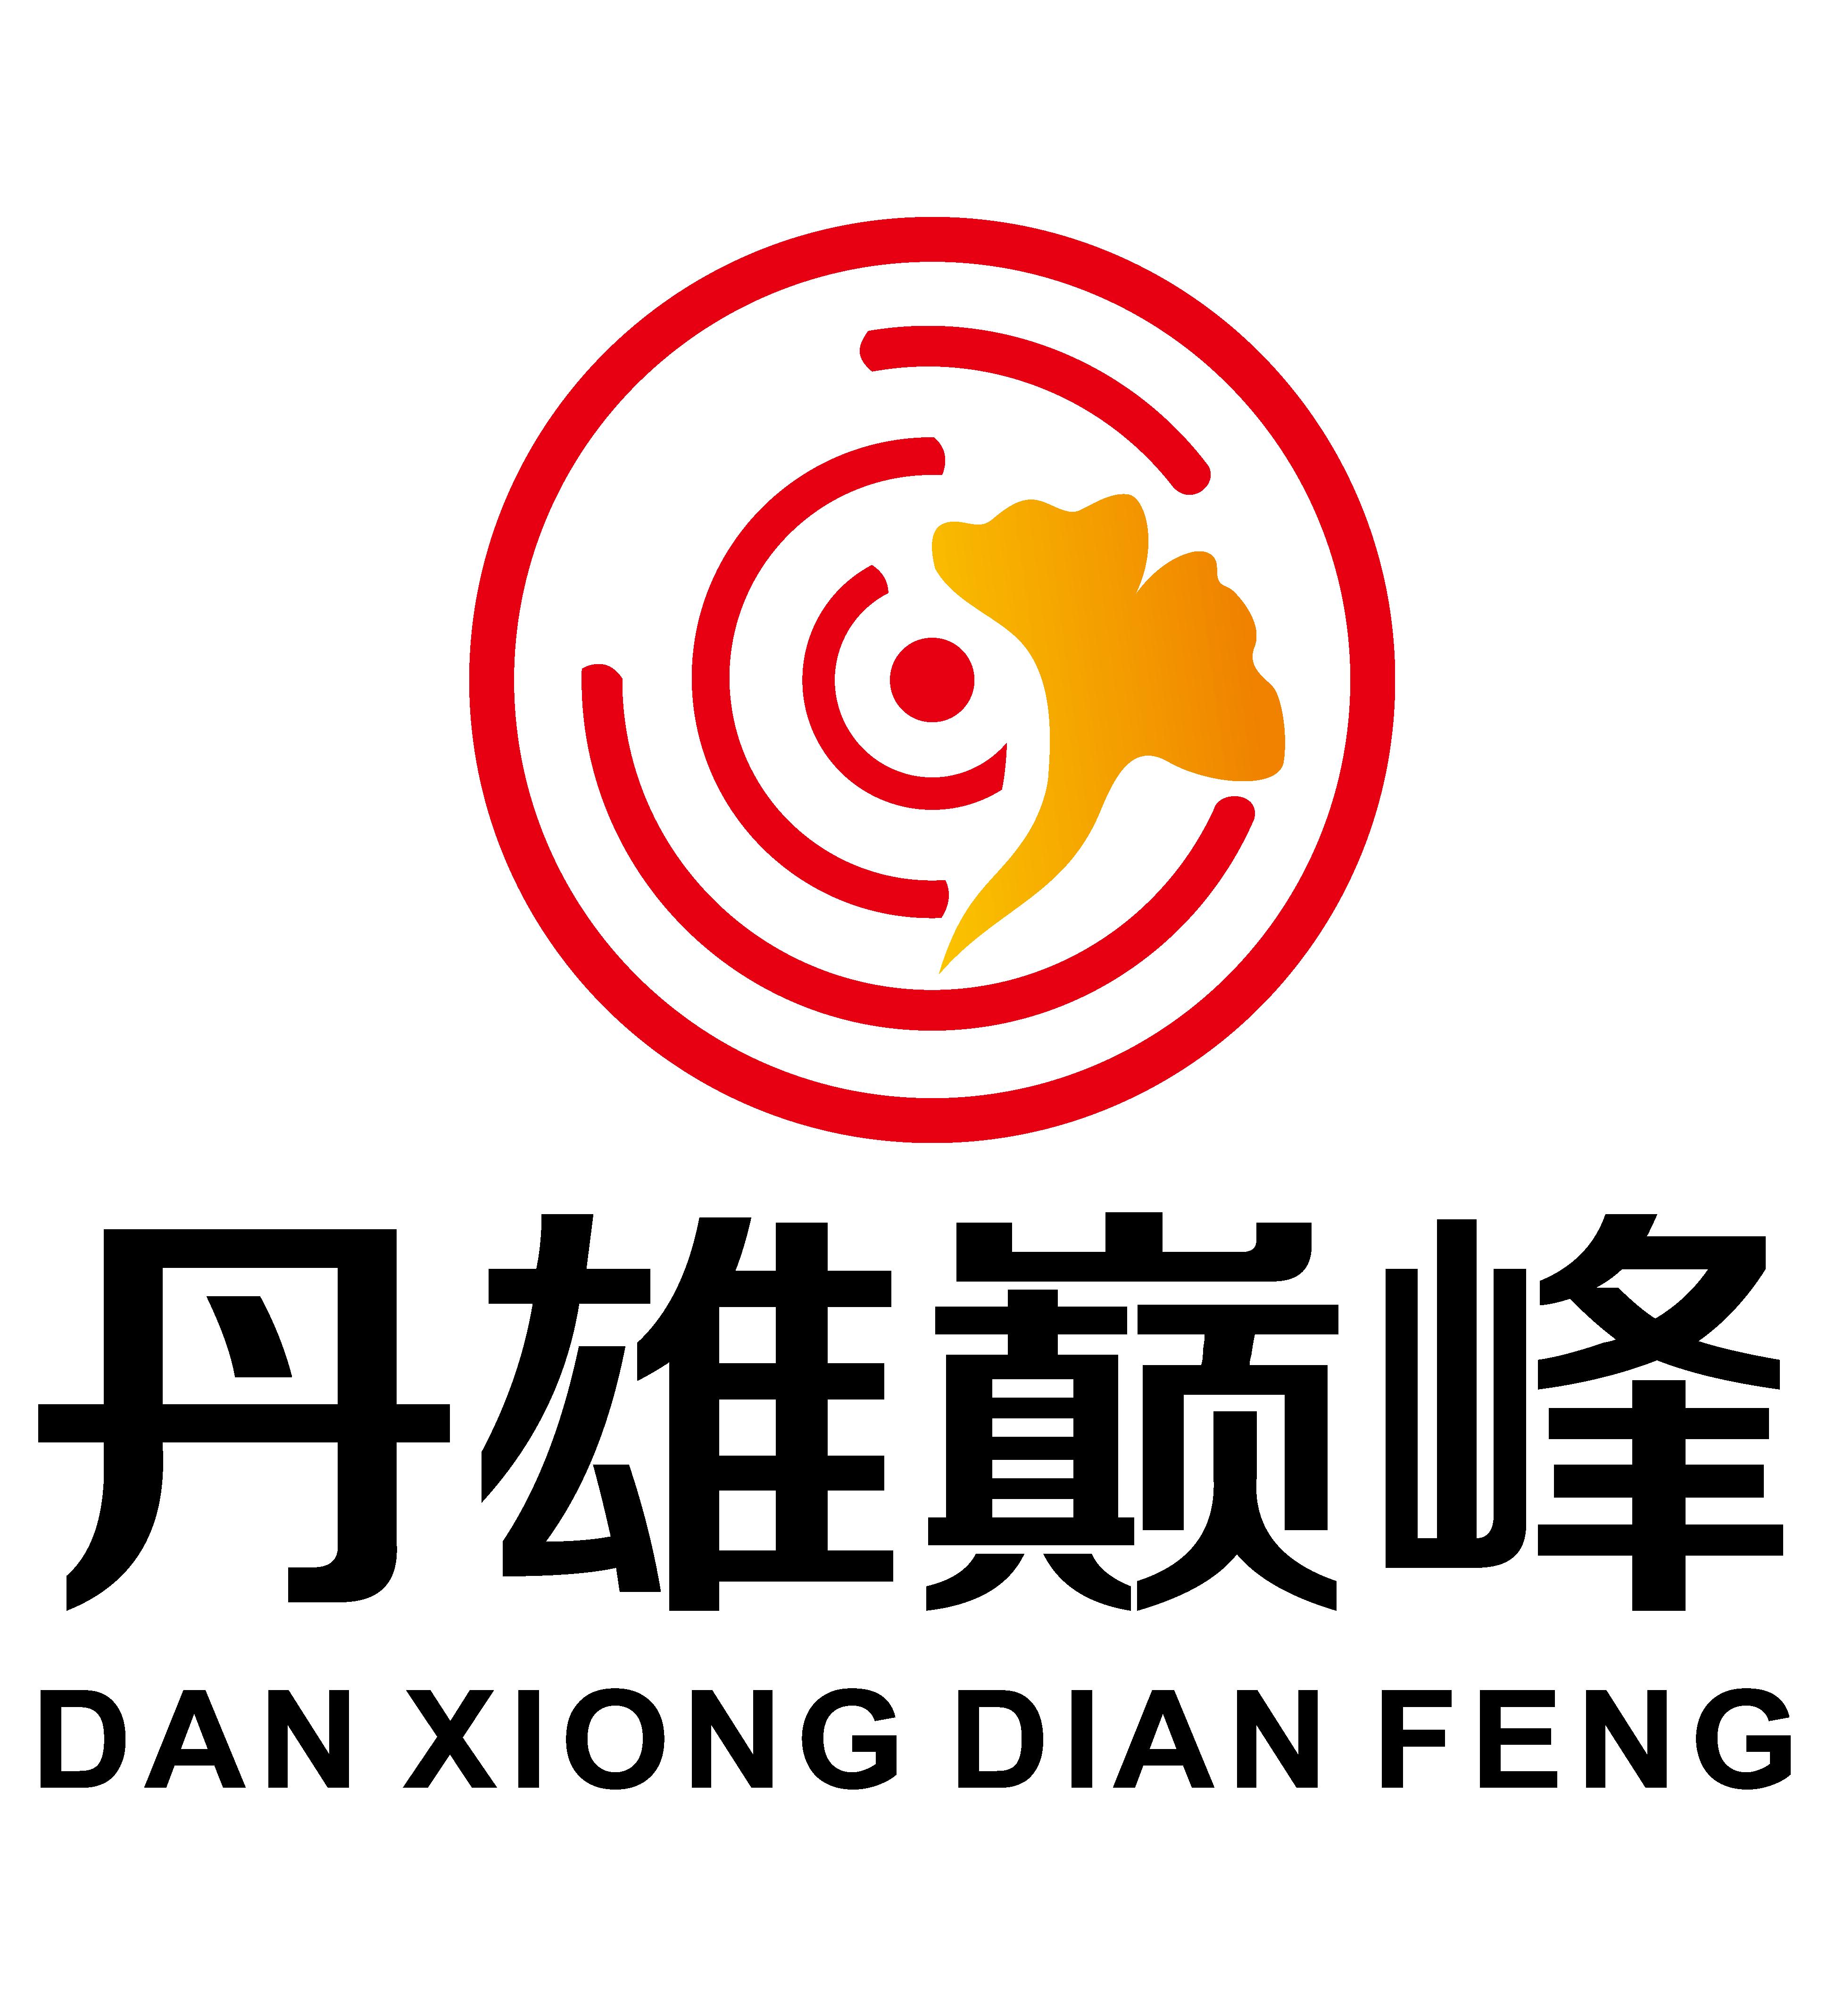 韶关丹雄巅峰旅游运营管理有限公司招聘植保经理